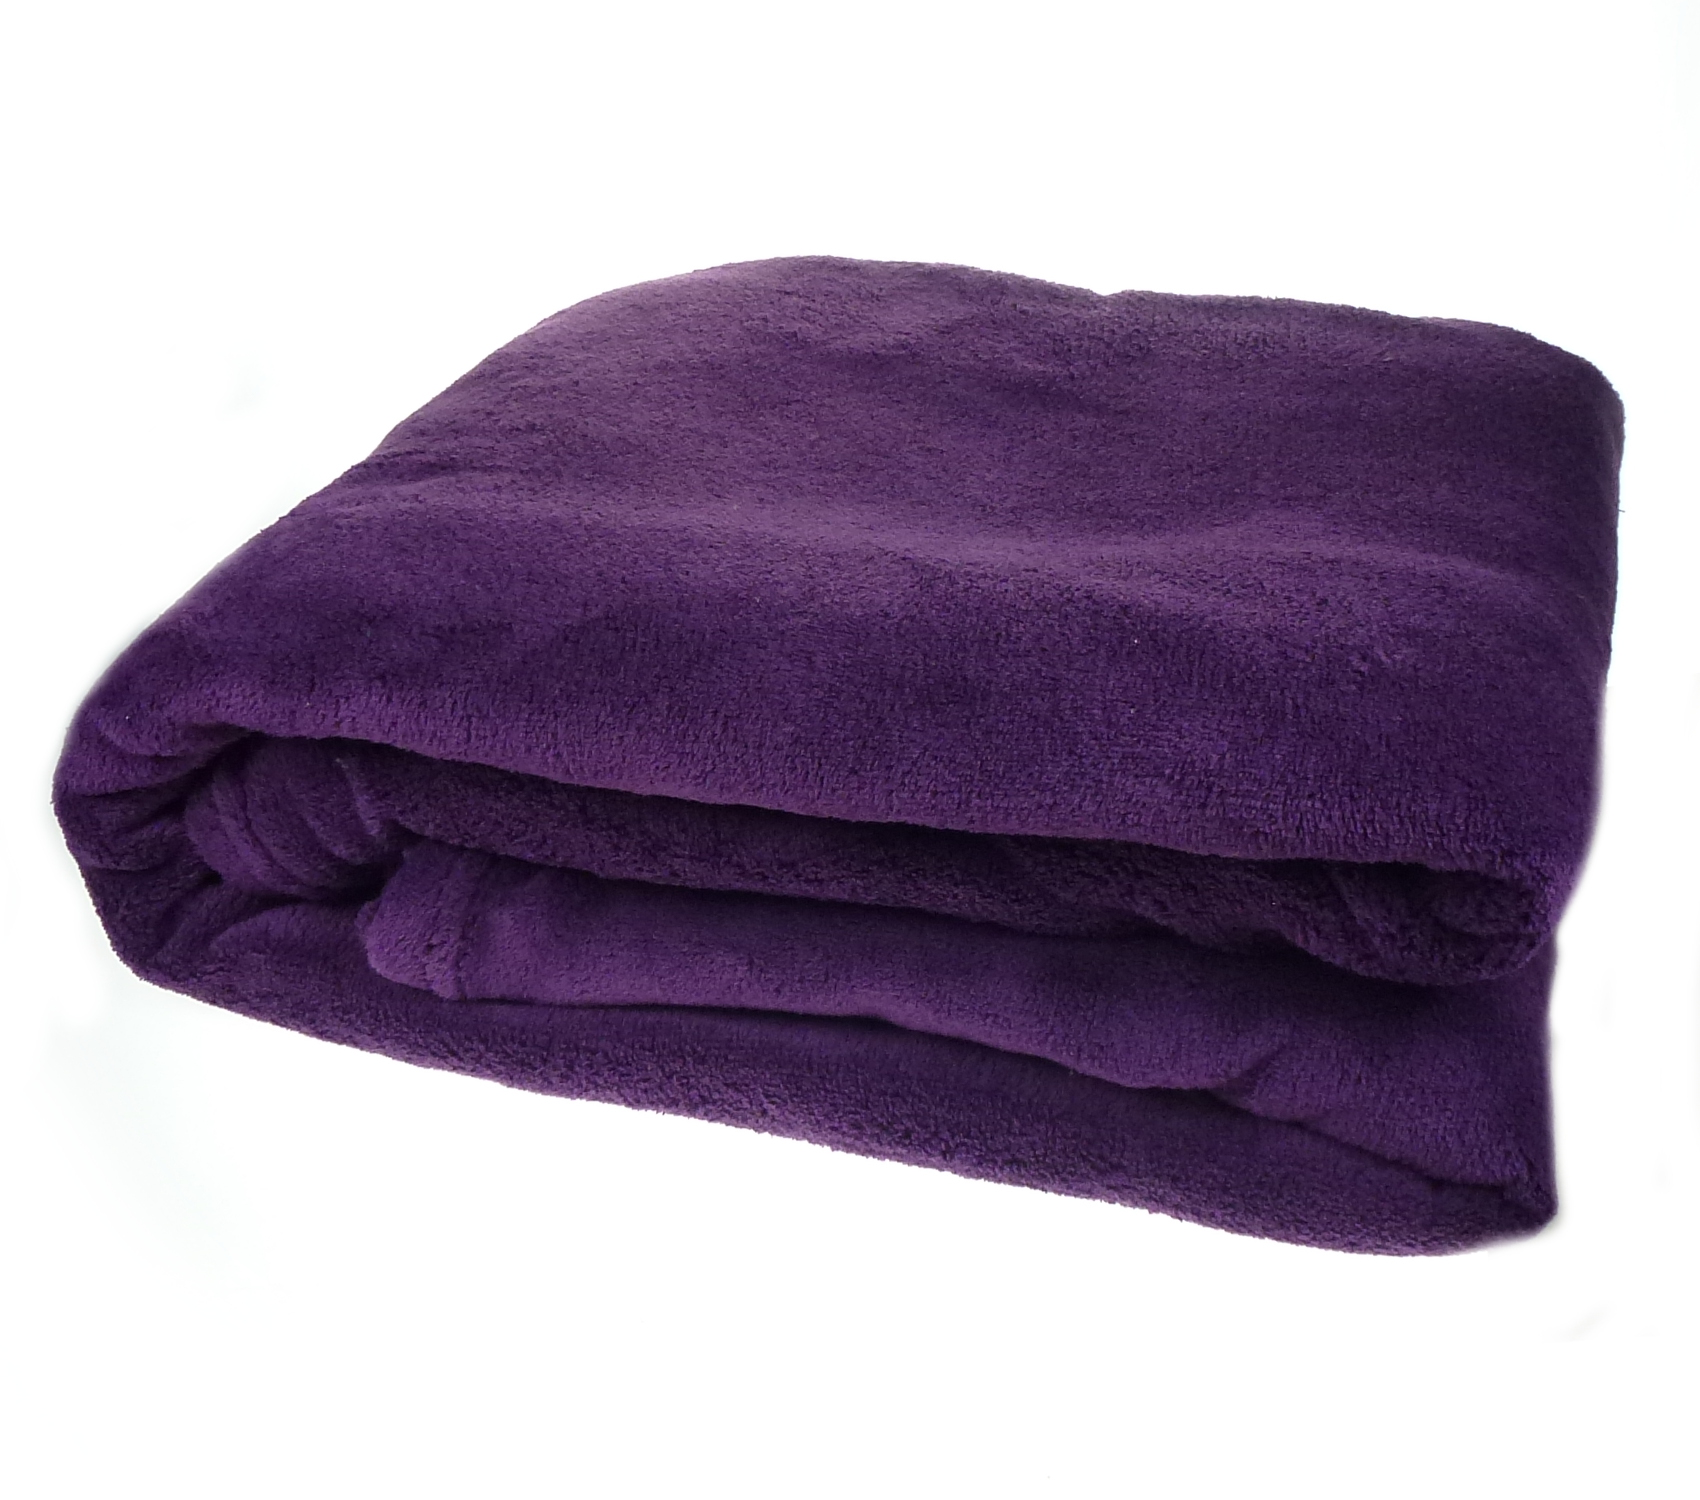 luxury soft cosy coral fleece throw over bed sofa home fleecy  - luxurysoftcosycoralfleecethrowoverbed